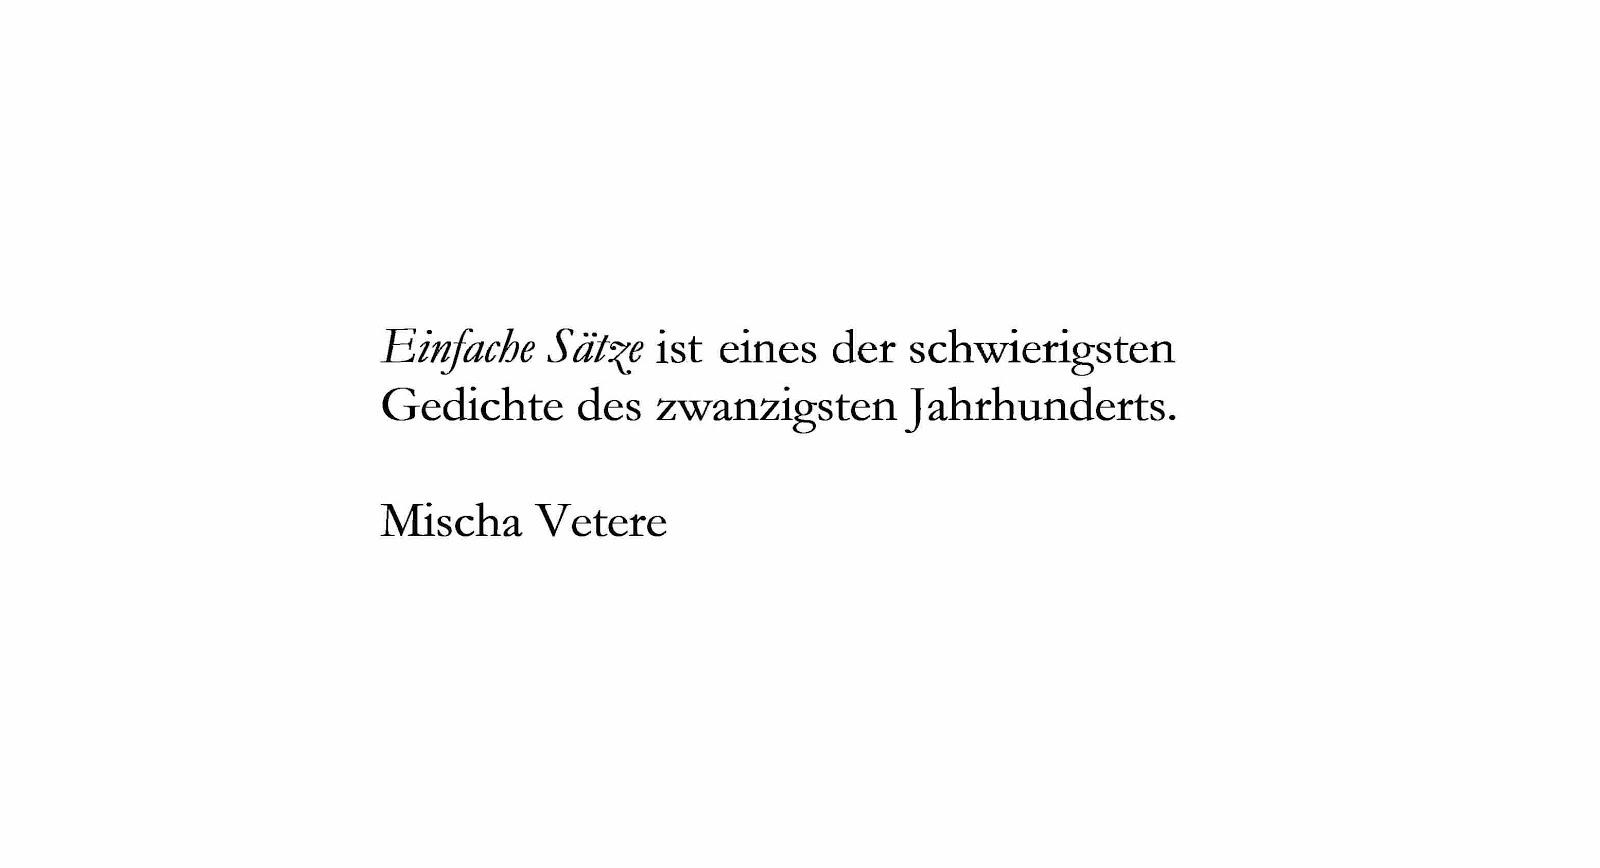 Einfache Sätze Erika Burkart seen by mischa vetere GEHEIMBUND DER STILLE POESIE